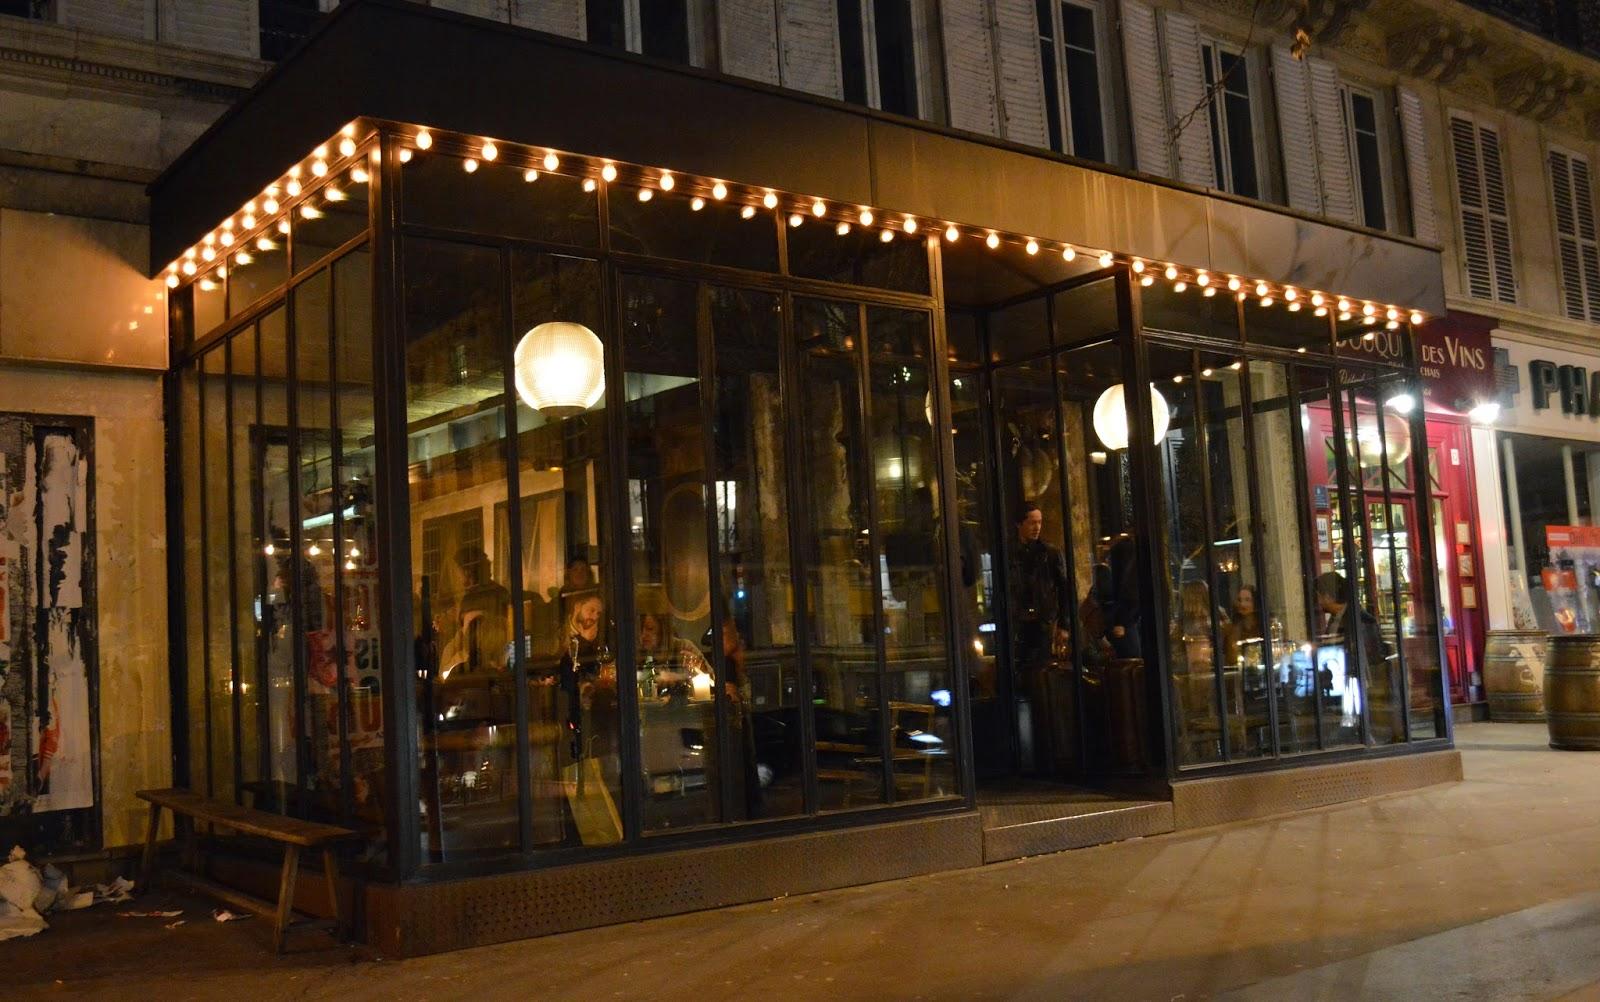 Grazie pizzeria and cocktails restaurant Le Marais Paris